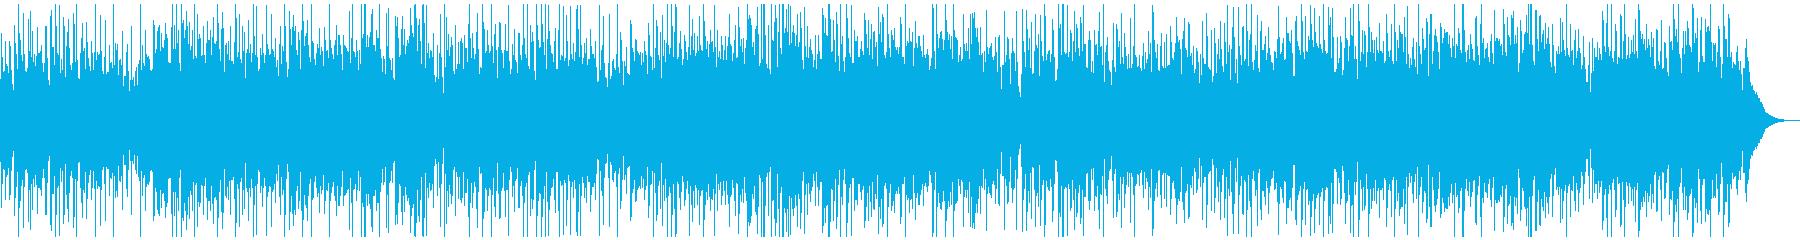 ほのぼのマンドリン、カントリーフォークの再生済みの波形